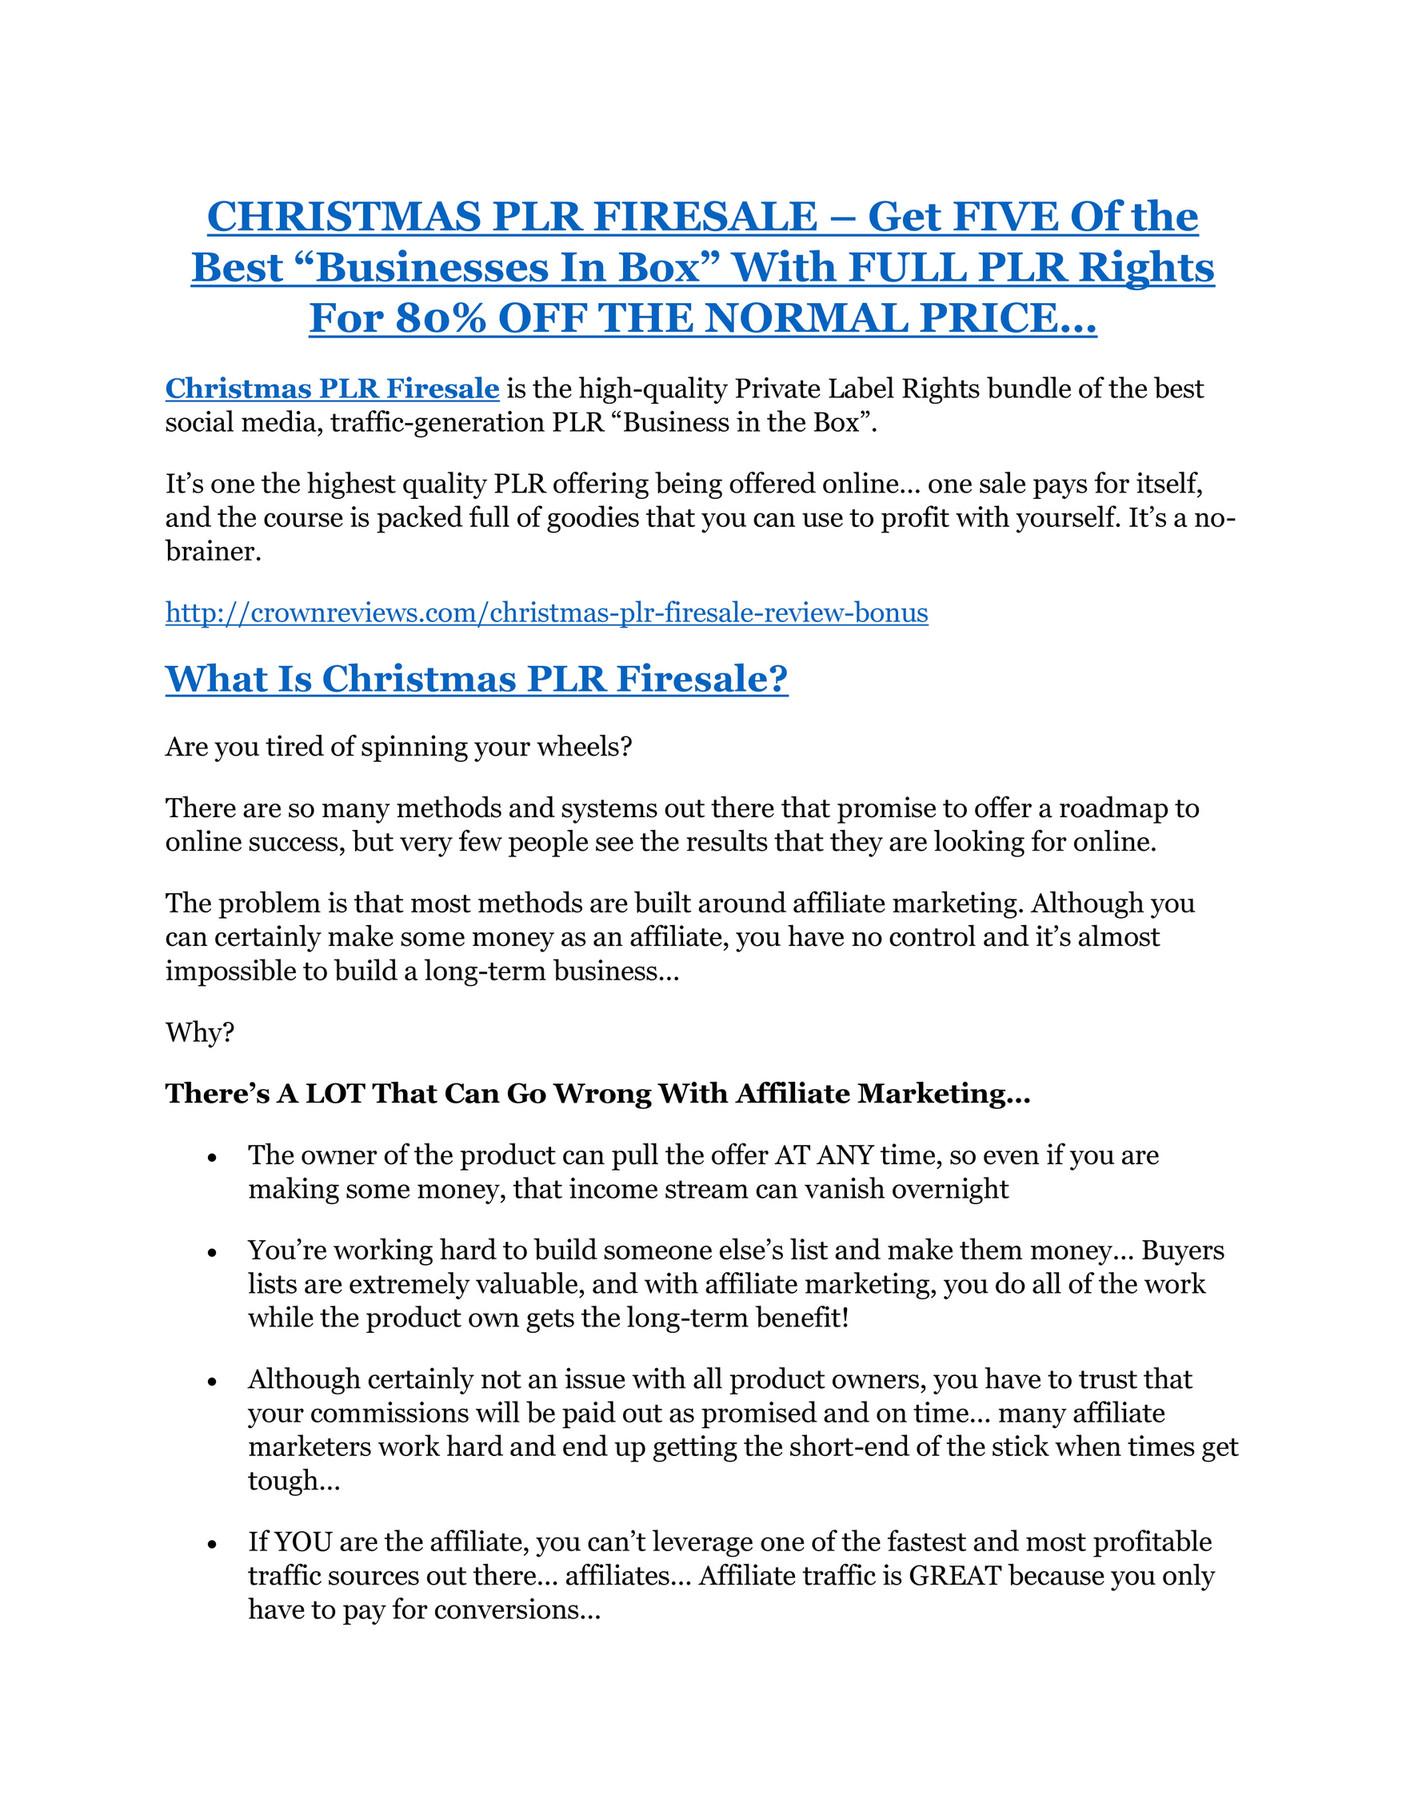 HHT - CHRISTMAS PLR FIRESALE Review-$9700 Bonus & 80% Discount ...